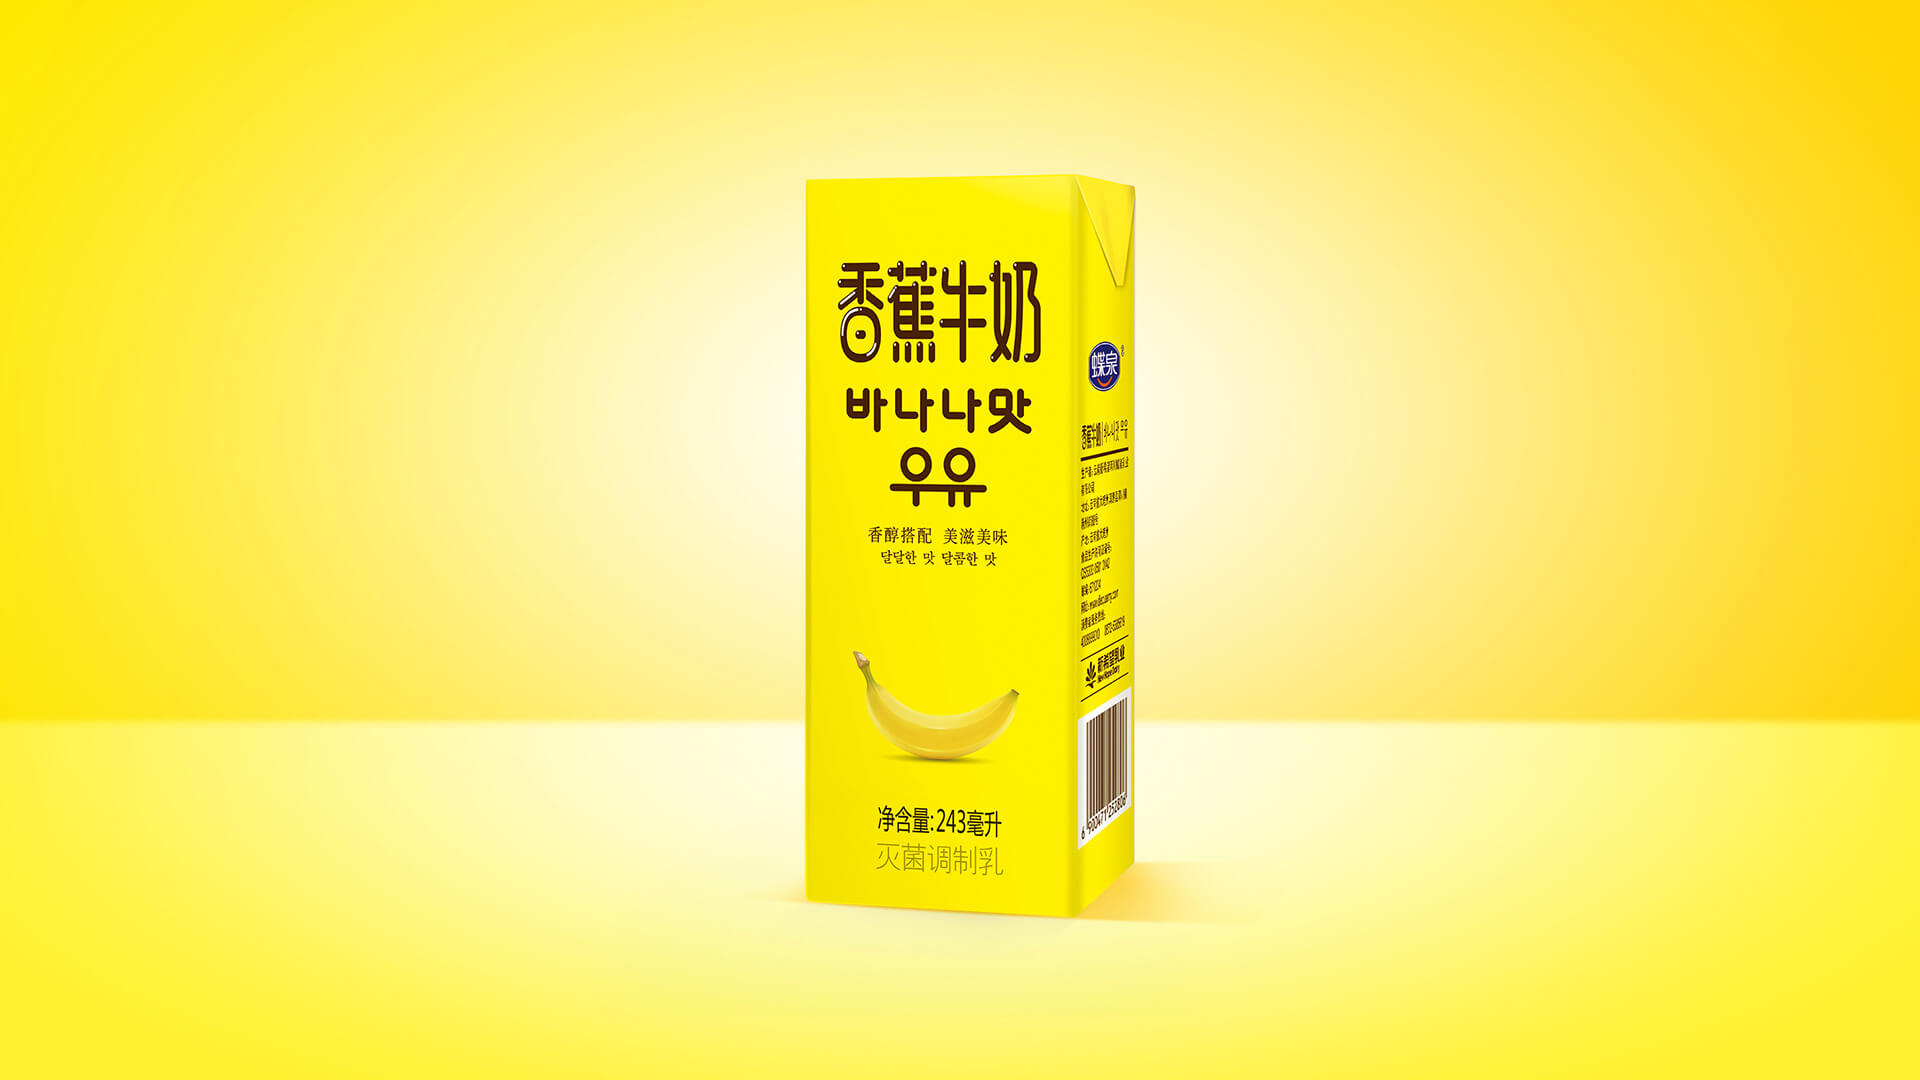 新希望香蕉牛奶包装设计